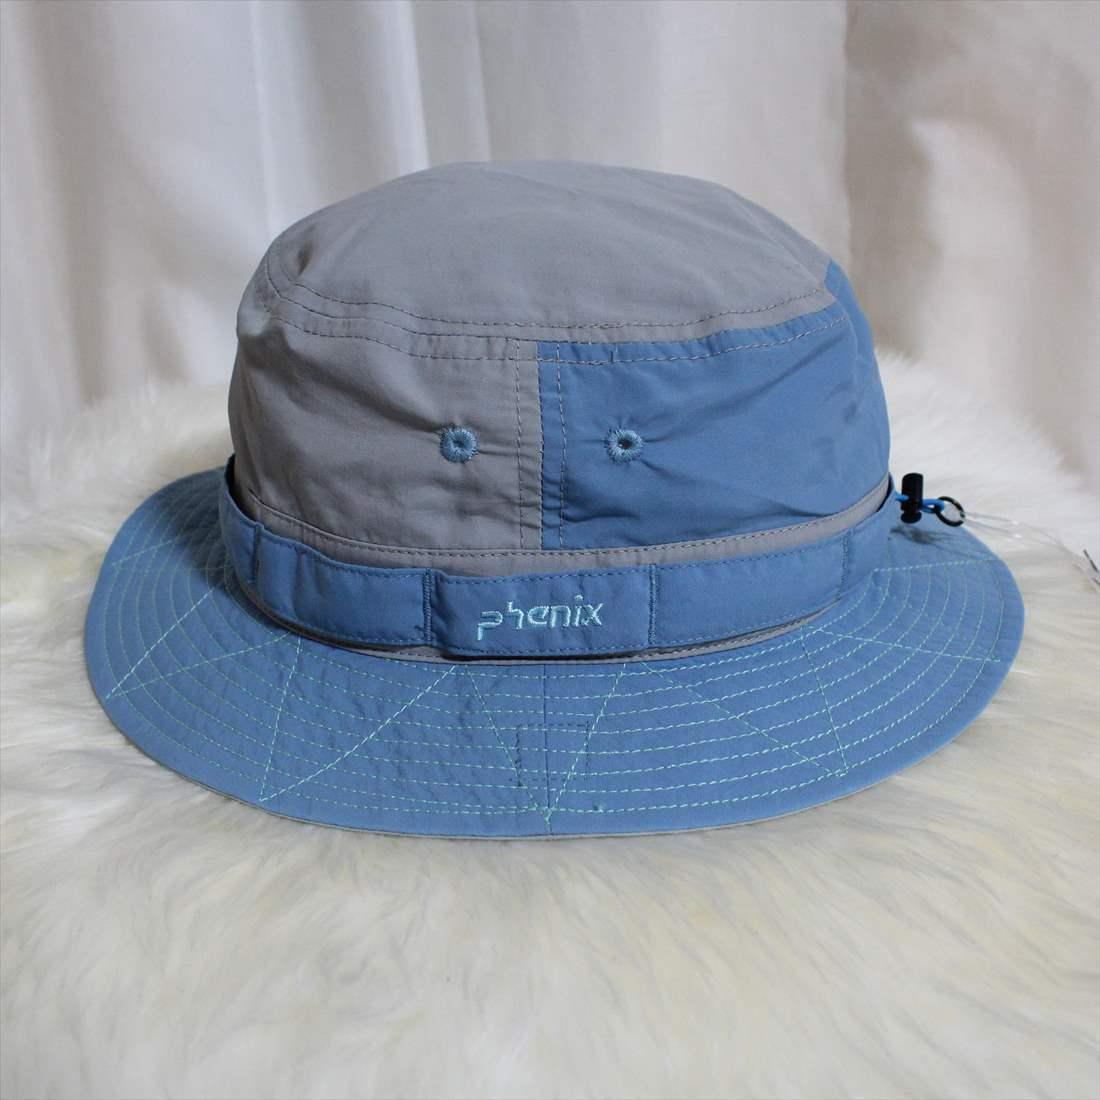 フェニックス phenix UV90 ハット サックス 新品 ジュニアフリー DRY SPHERE HAT_画像2